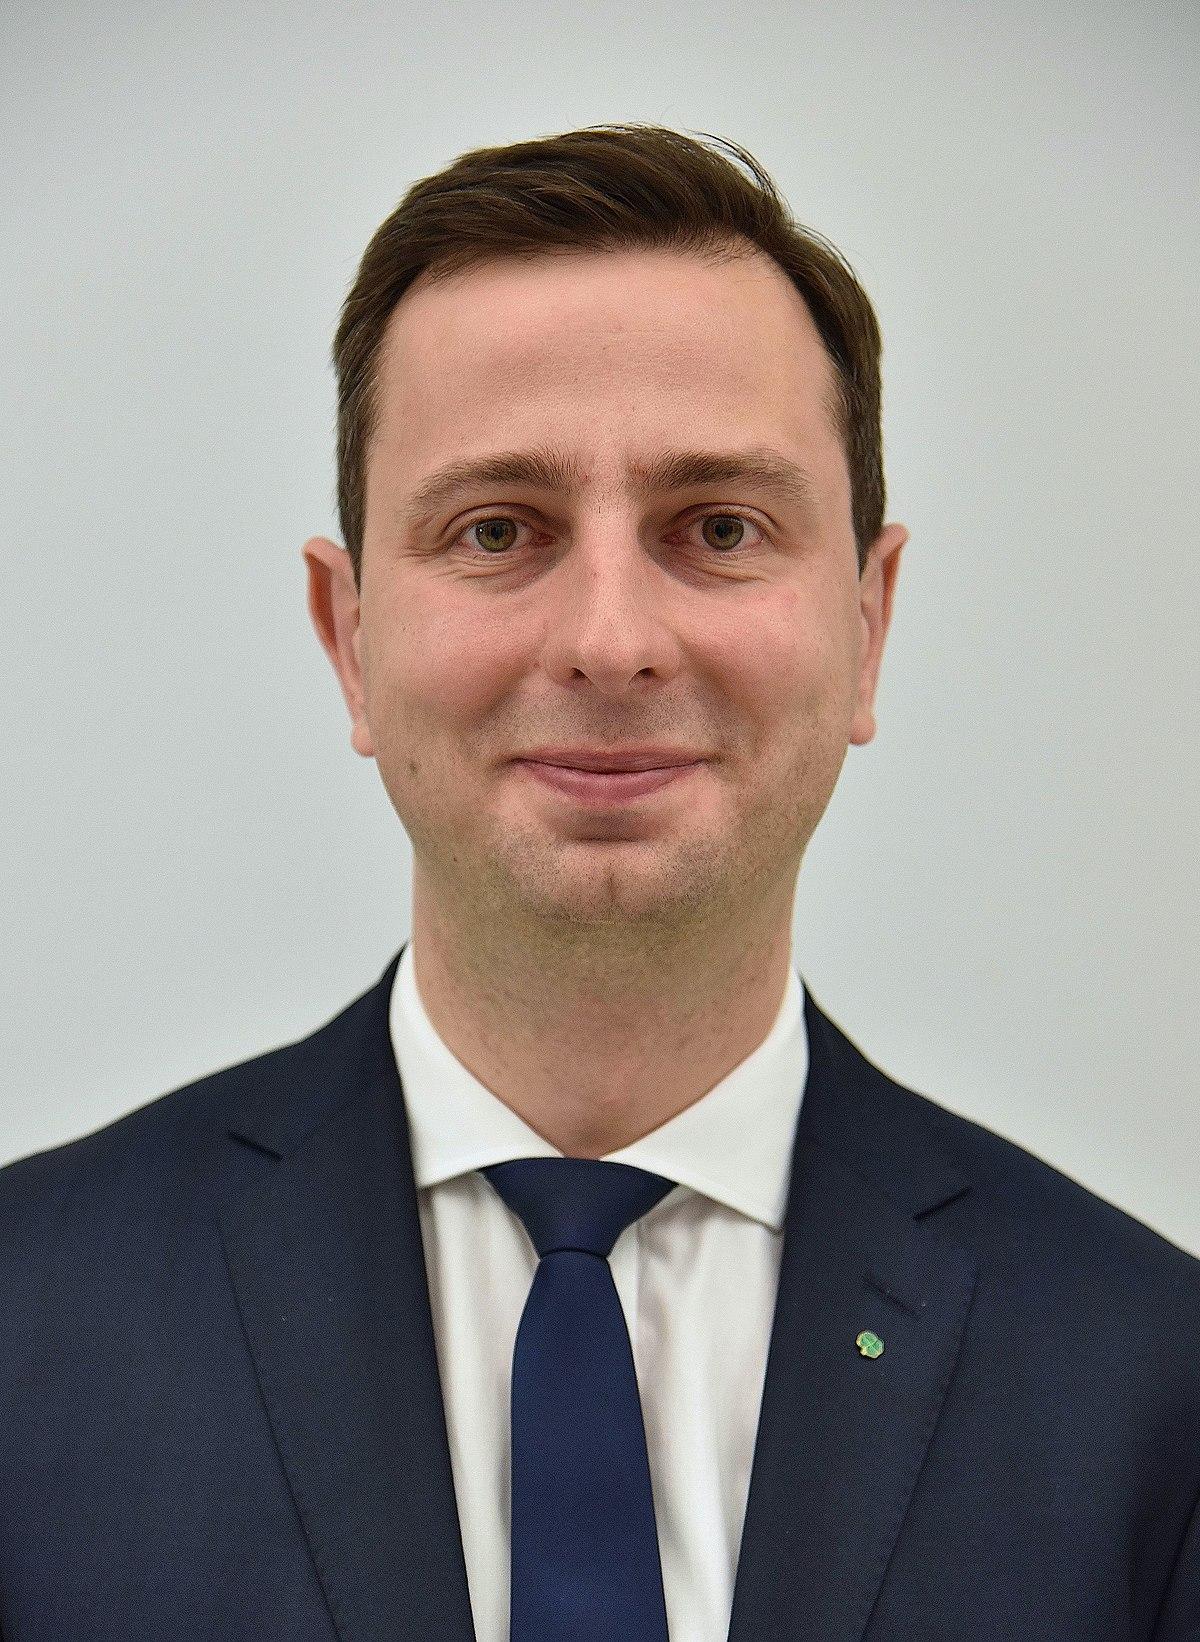 Władysław Kosiniak-Kamysz – Wikipedia, wolna encyklopedia